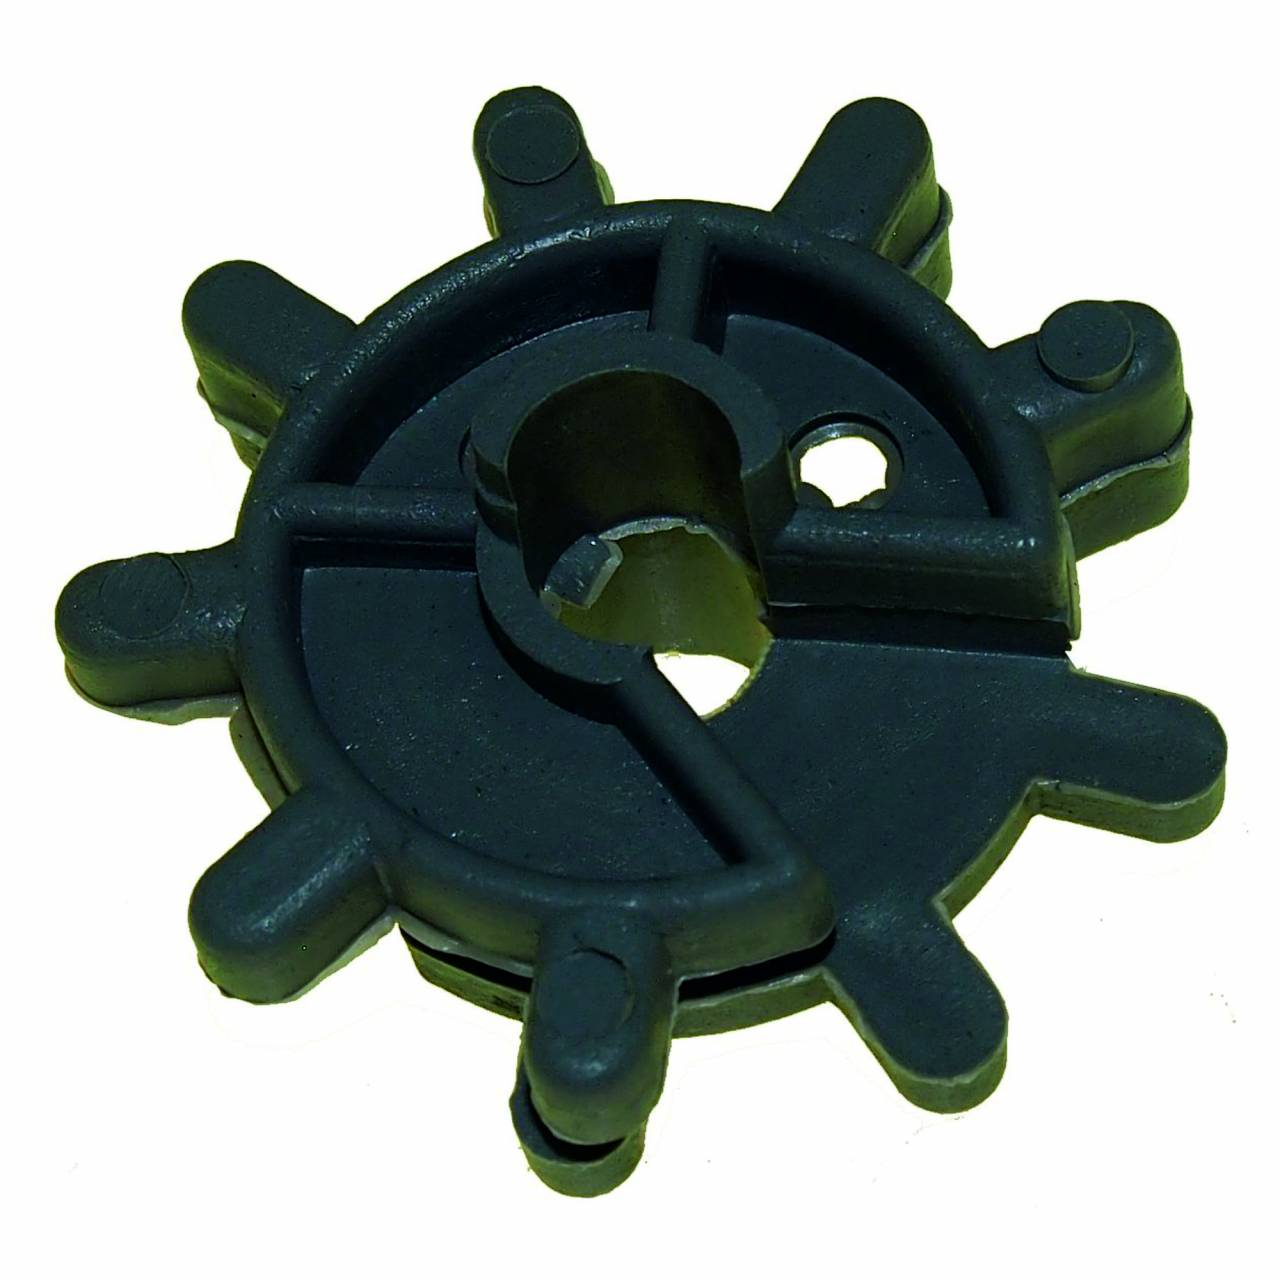 GARANT 5-15 / KB 5 mm Armierungs-Abstandhalter / Krt a 2.000 Stück